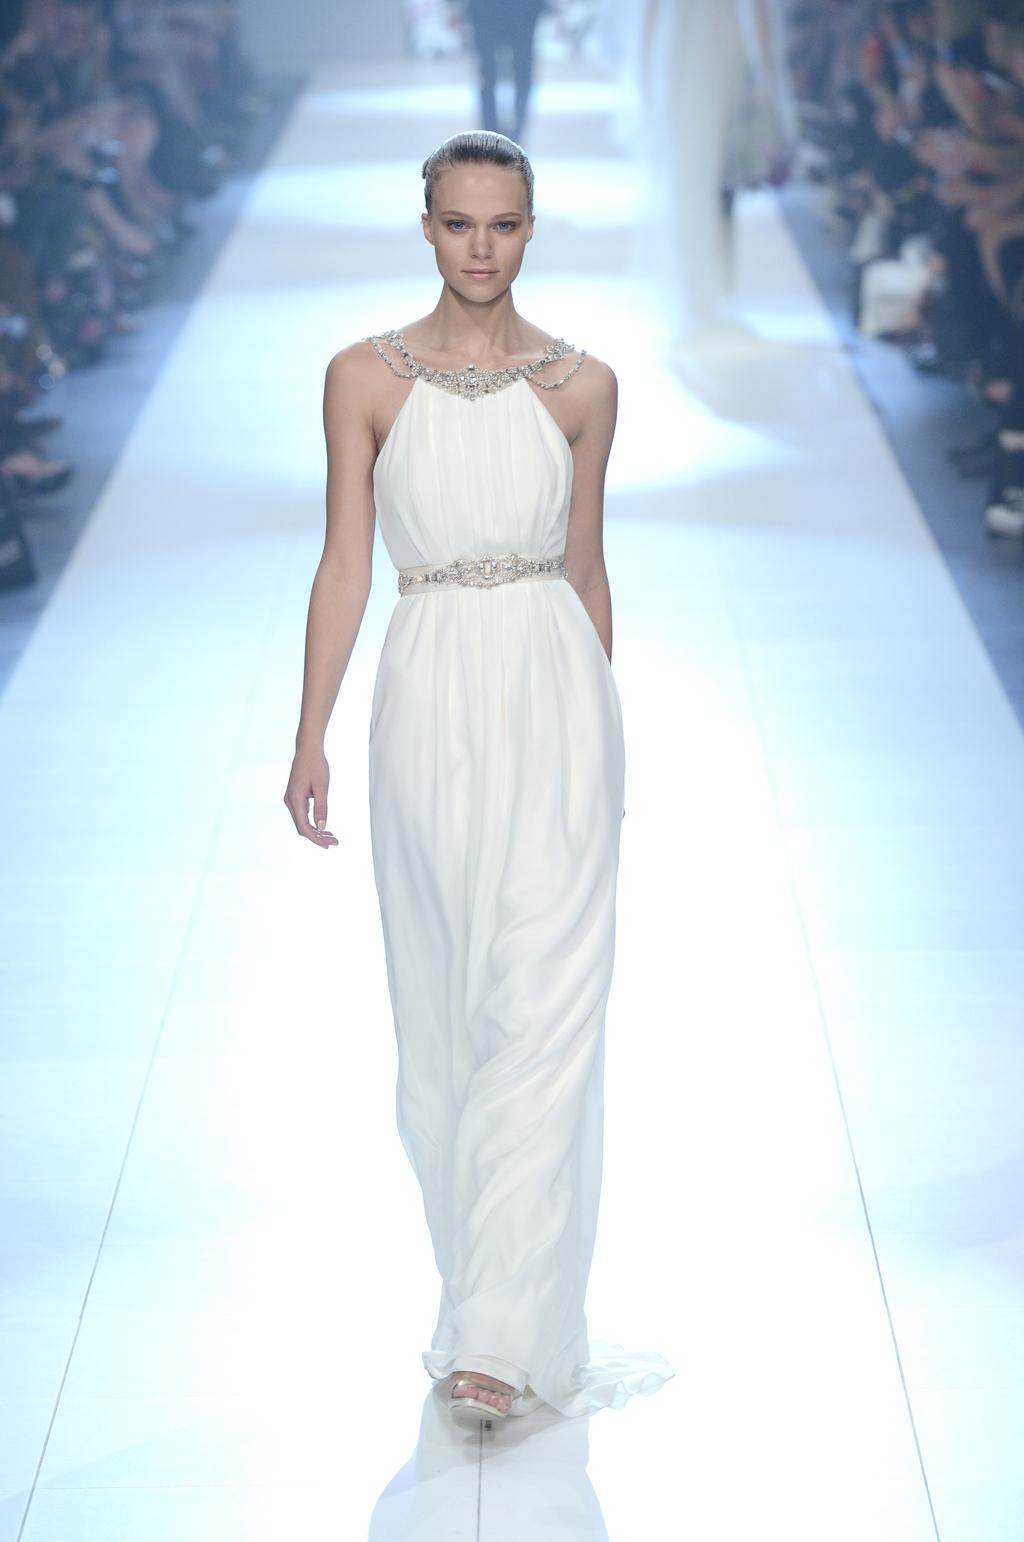 Gwendolynne-wedding-dress-2013-bridal-drew.full